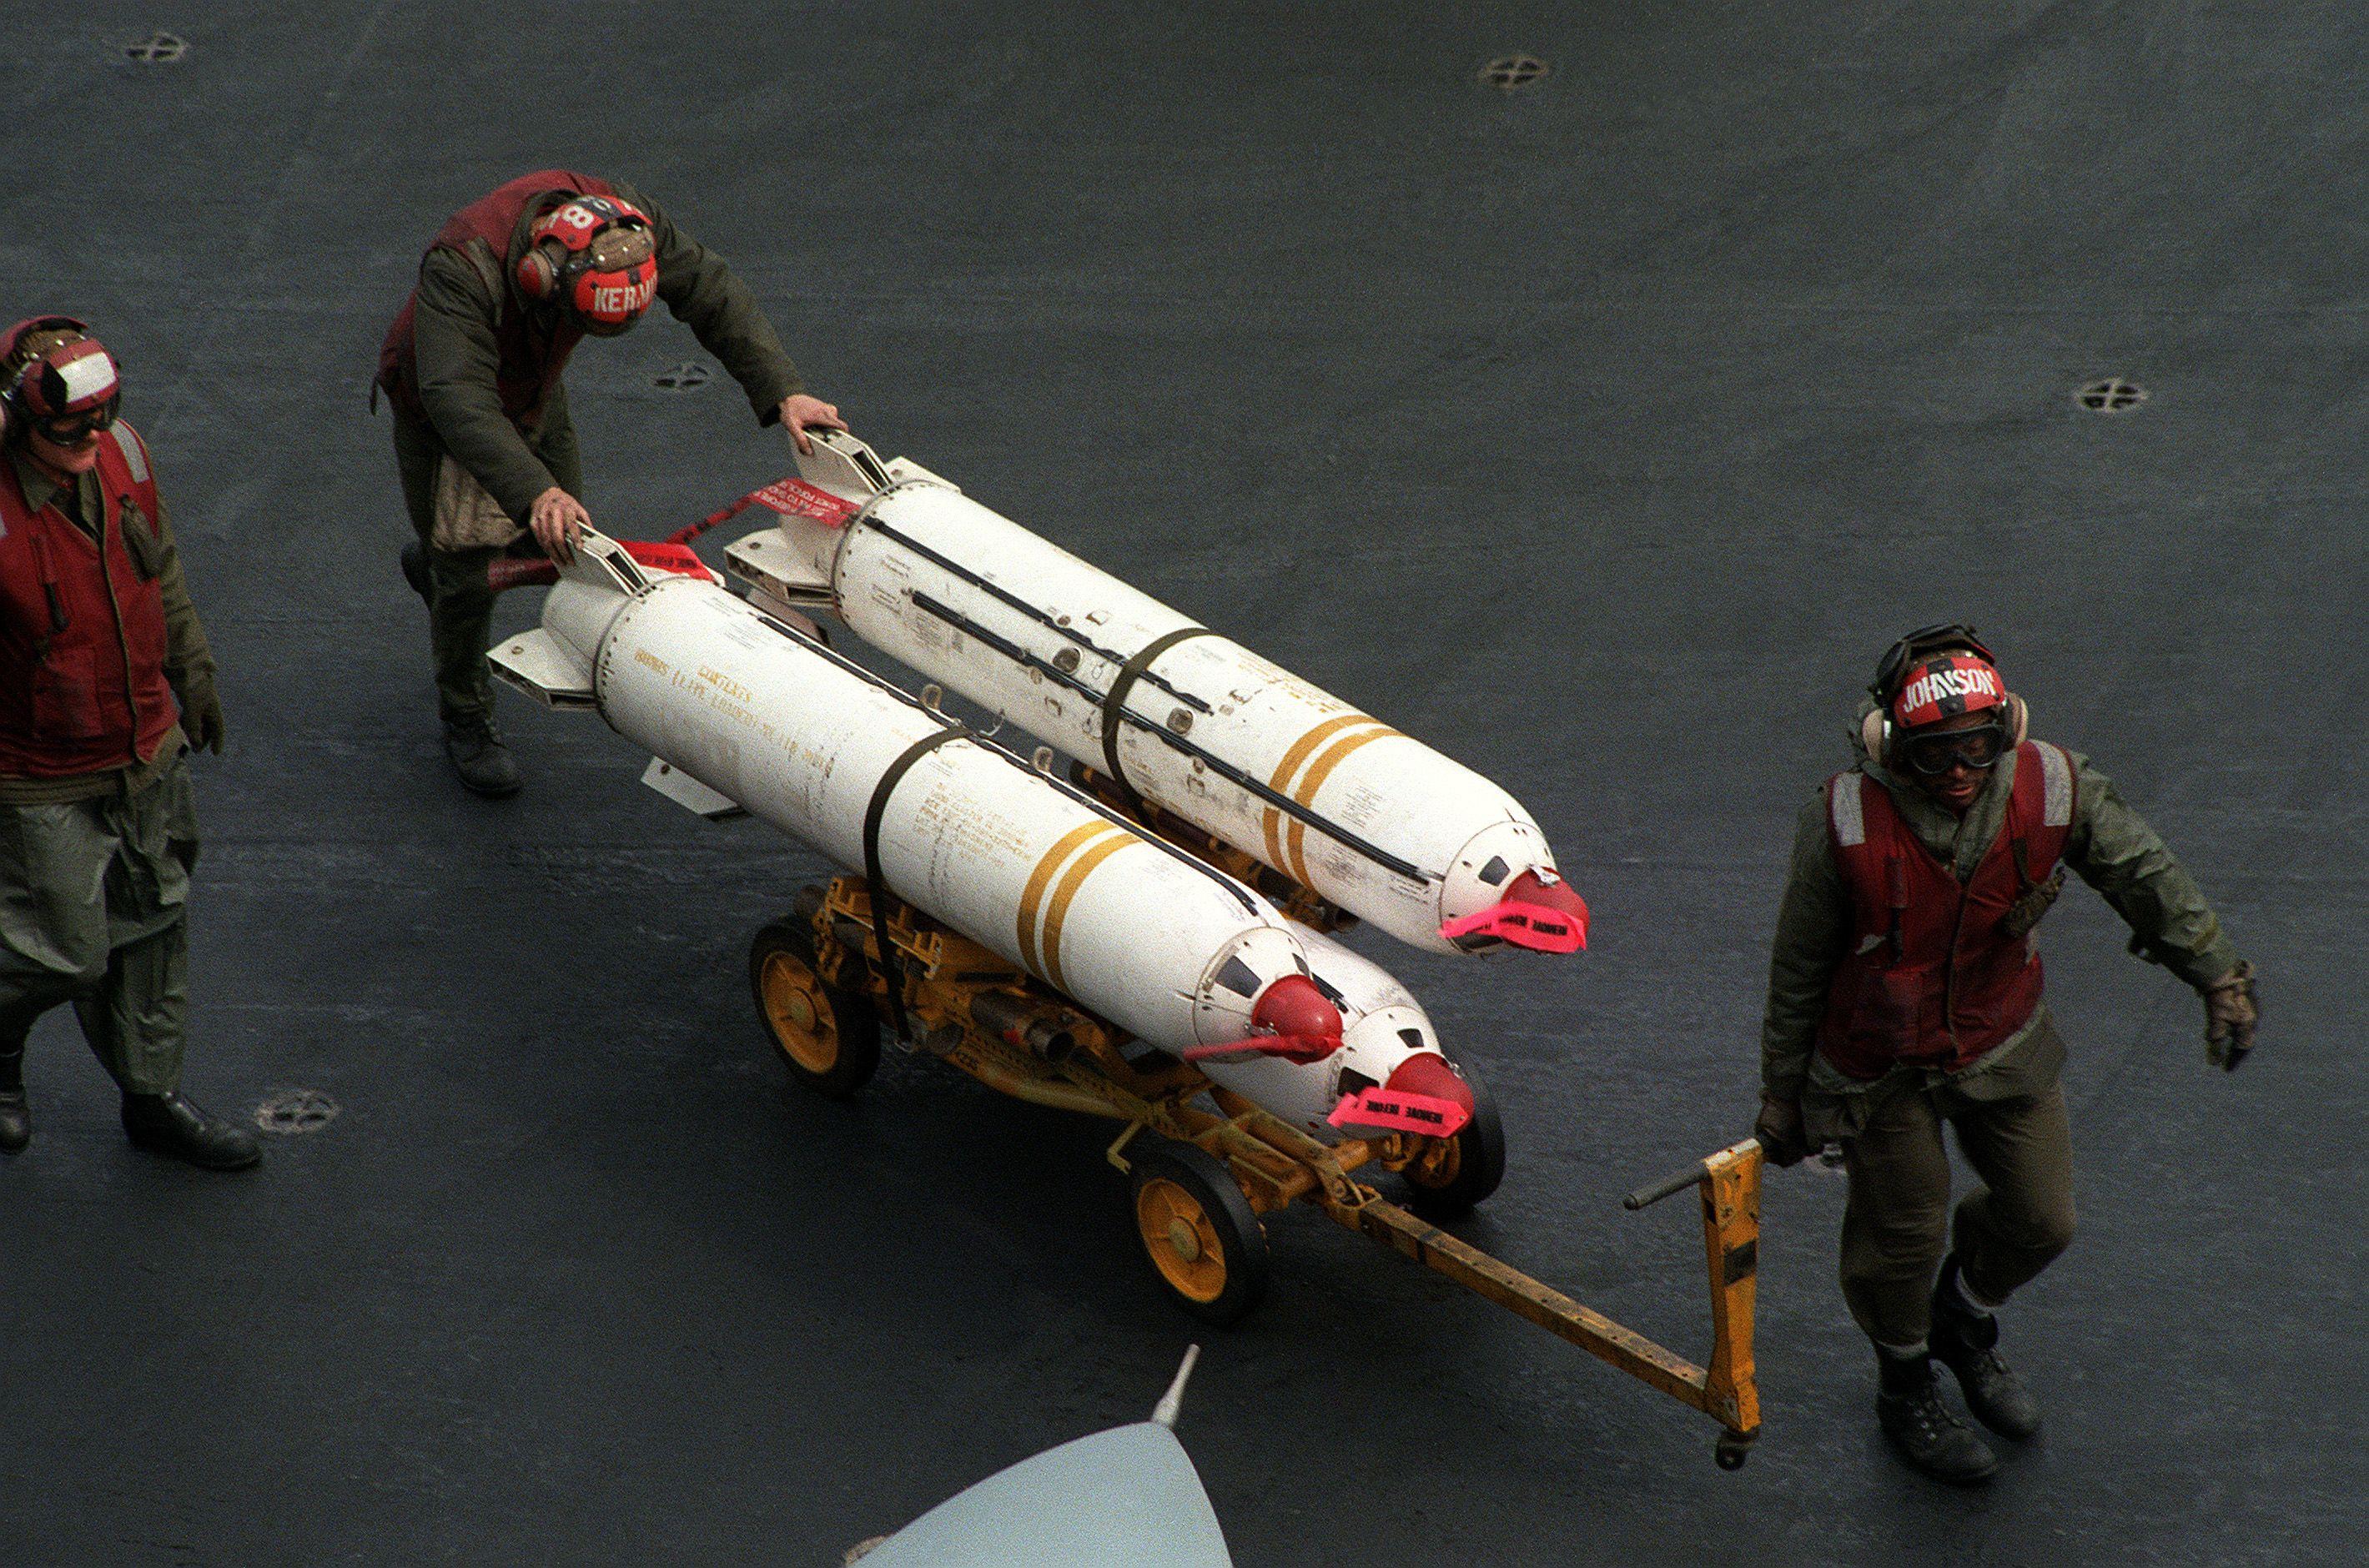 The CBU-100 Cluster Bomb (also called the Mk-20 Rockeye II